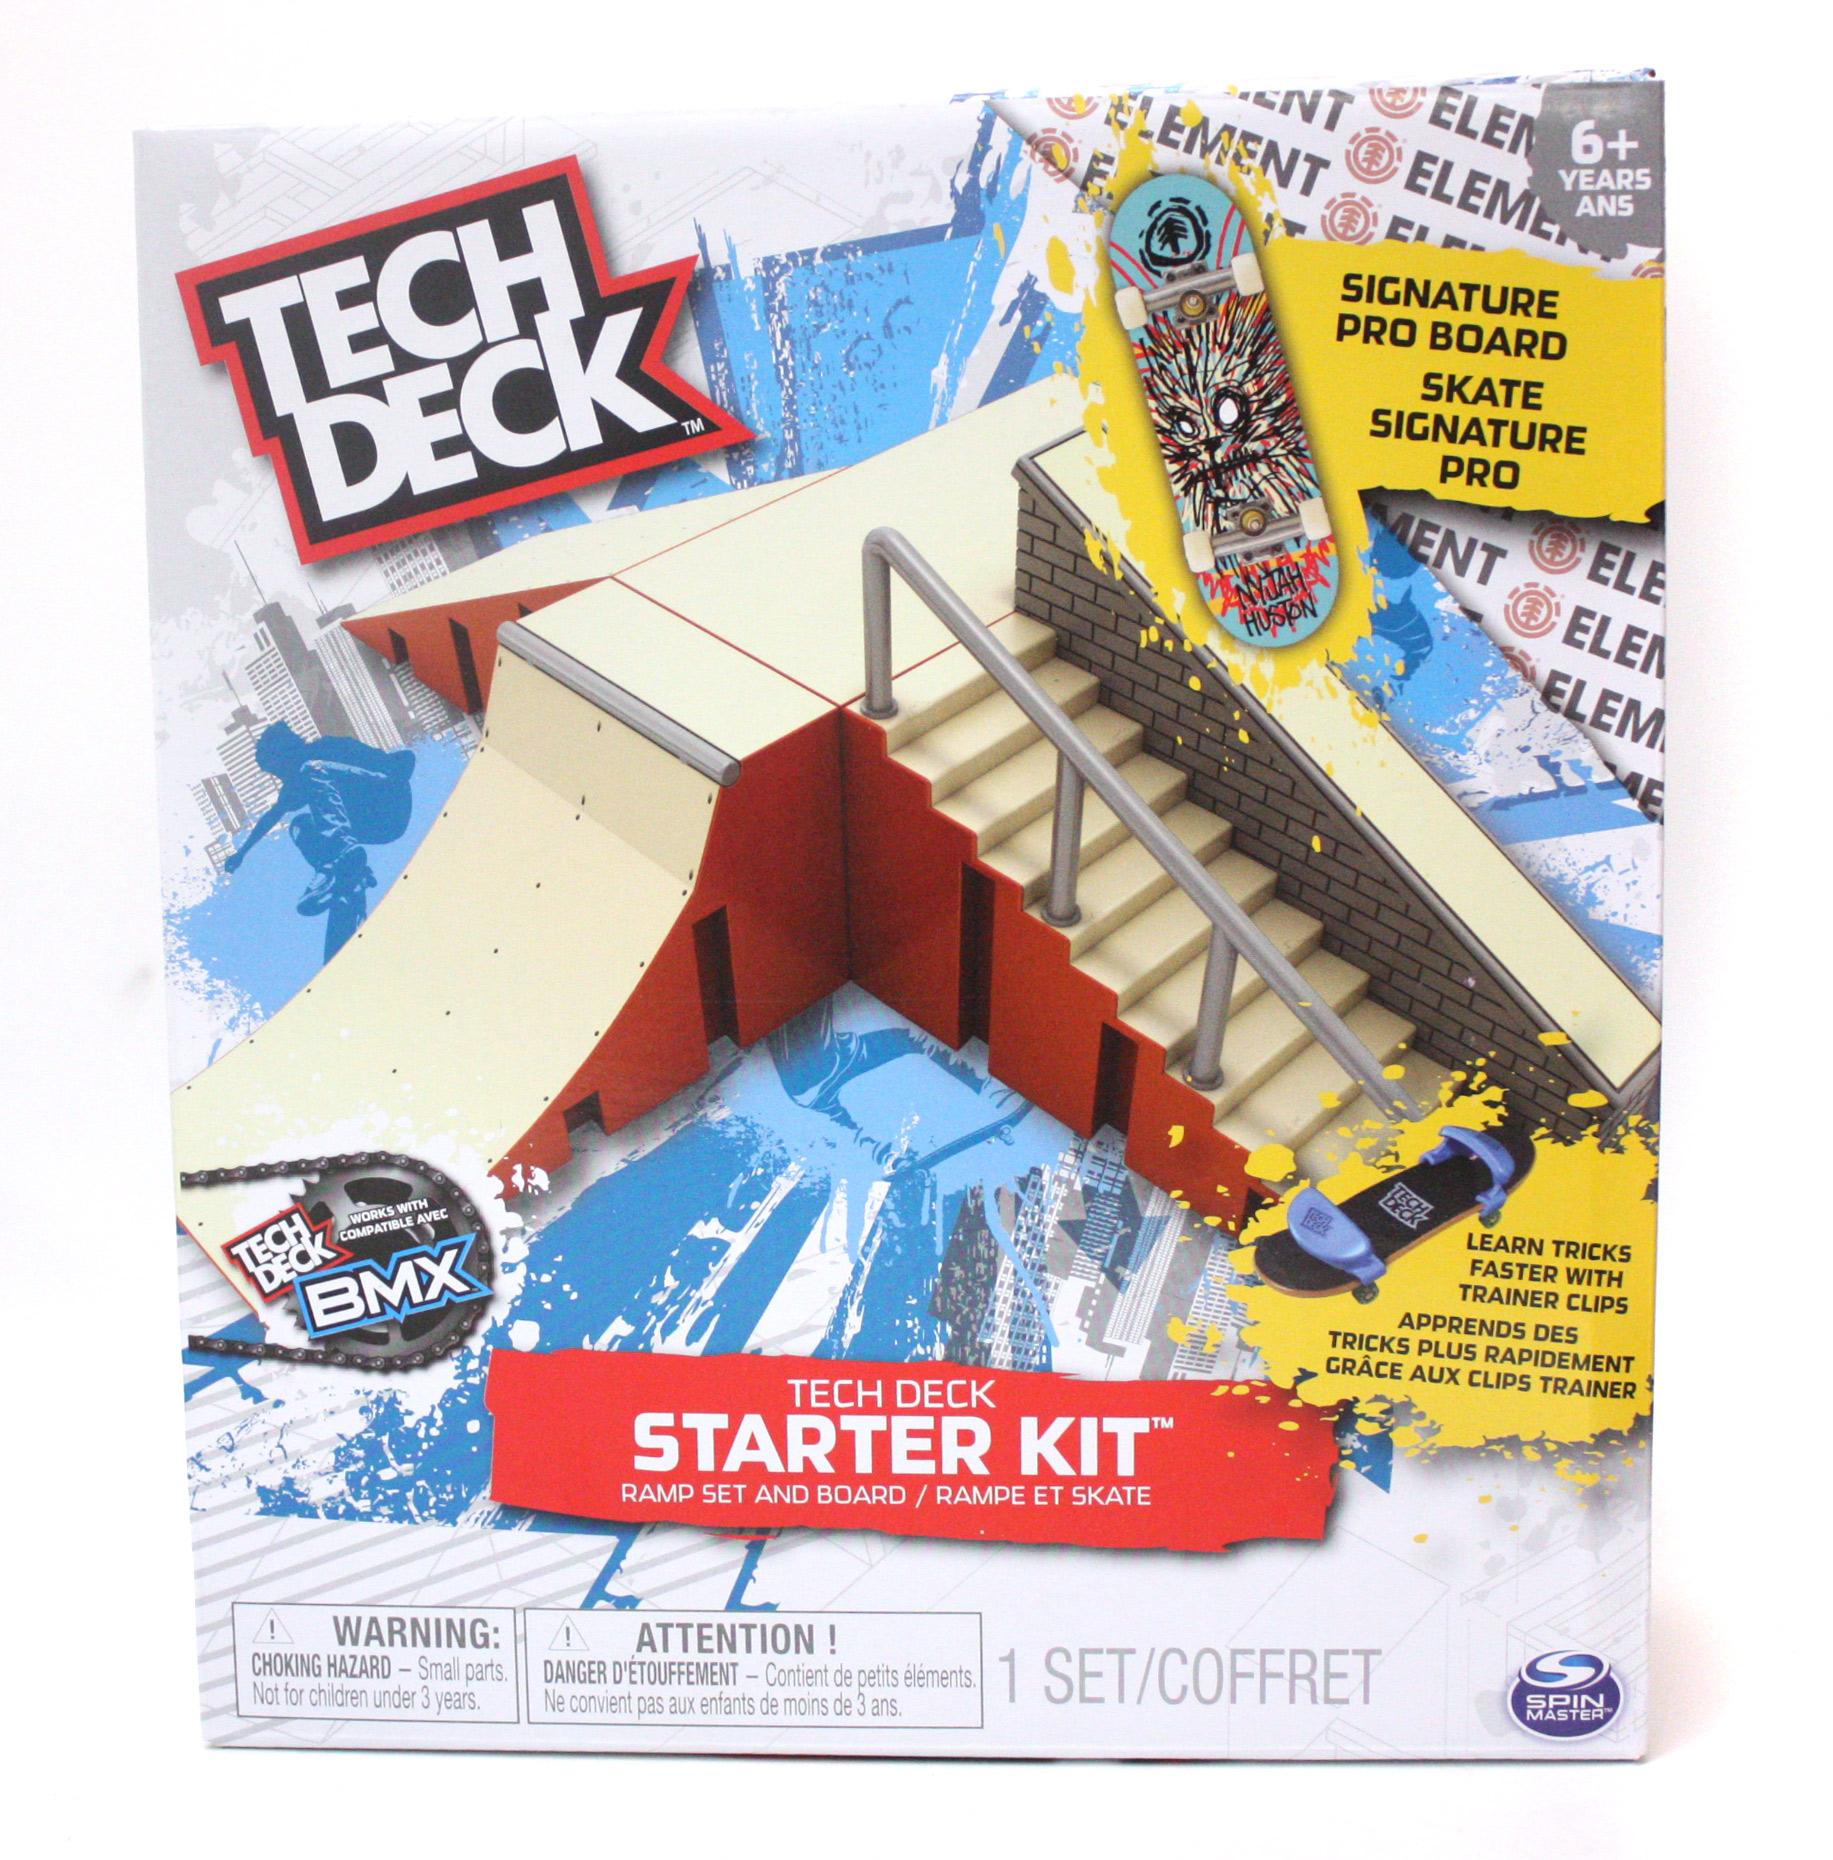 TECH DECK -  TECH DECK - RAMP SET AND BOARD 2 3